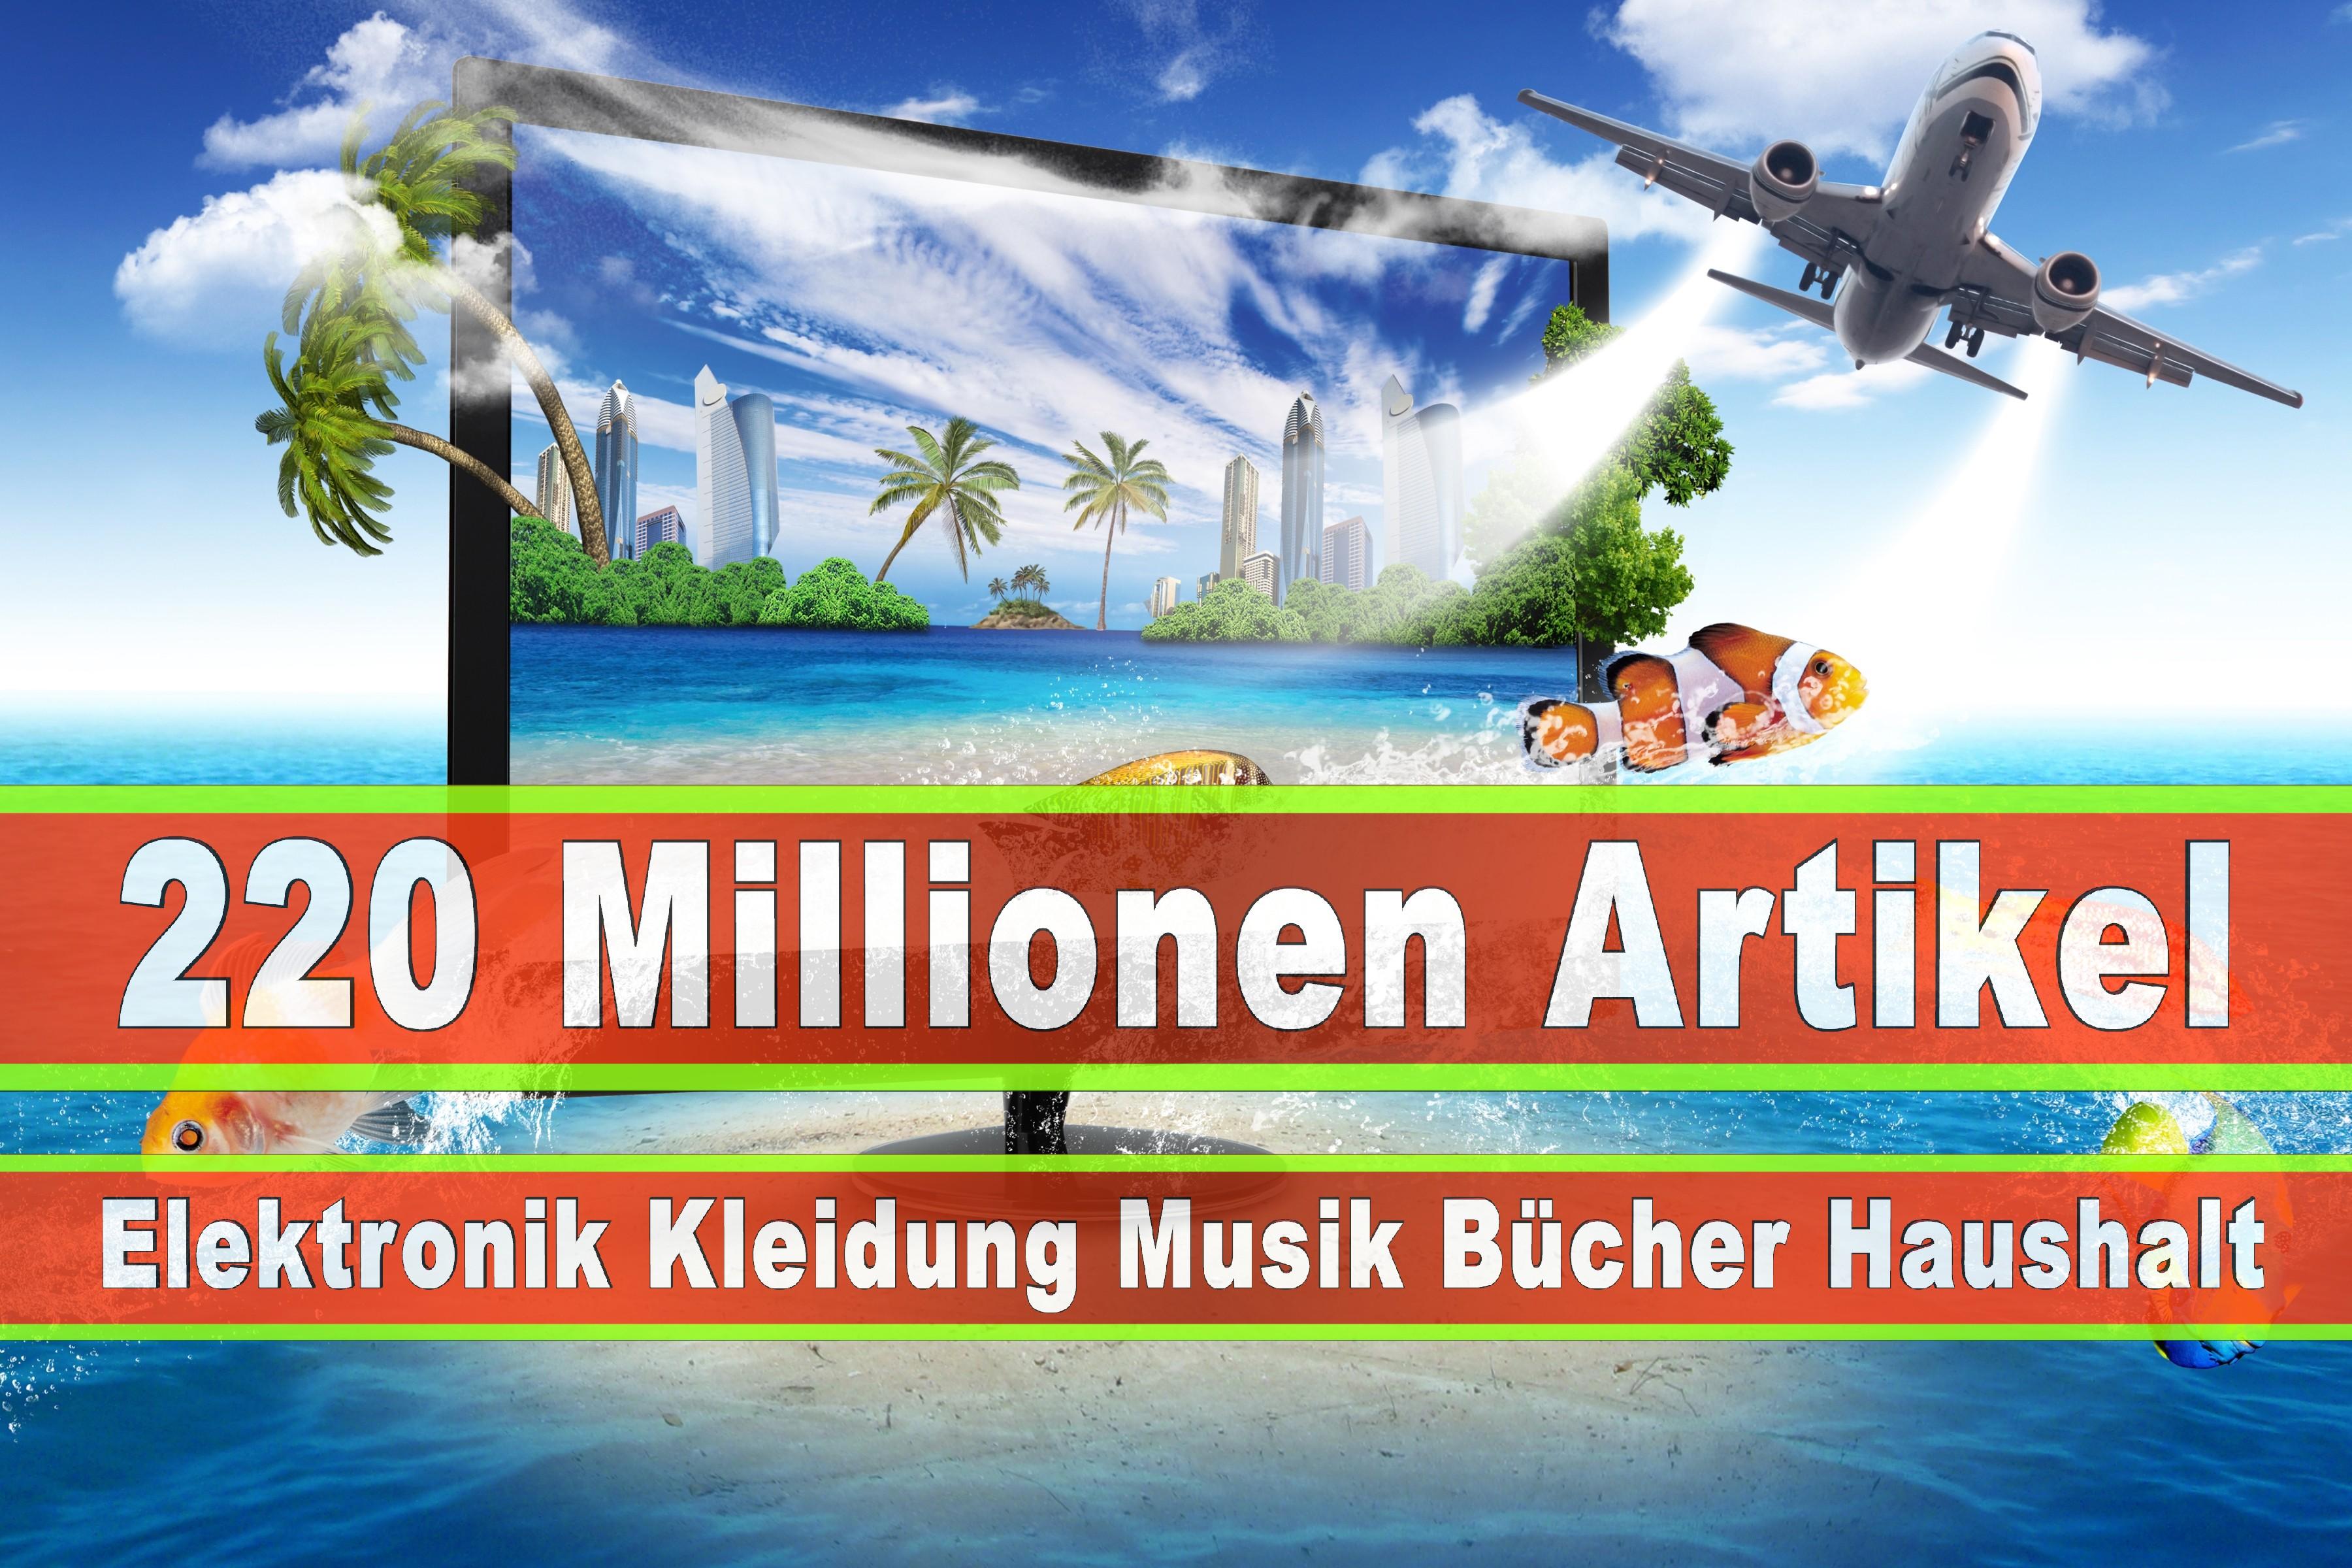 Amazon Elektronik Musik Haushalt Bücher CD DVD Handys Smartphones TV Television Fernseher Kleidung Mode Ebay Versandhaus (238)